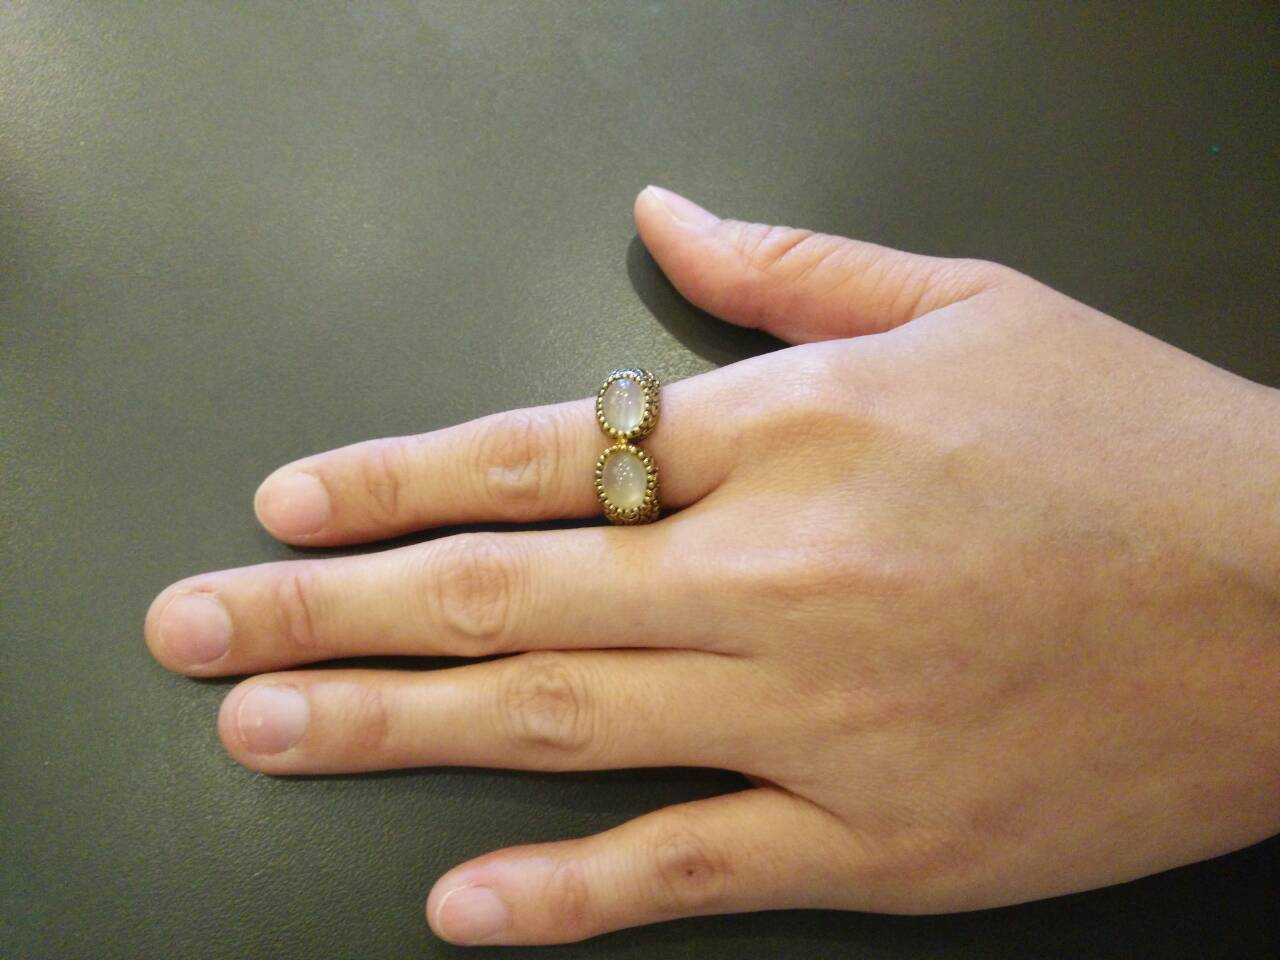 แหวนถมทอง ลายสุโขทัย ประดับพลอย 2 เม็ด